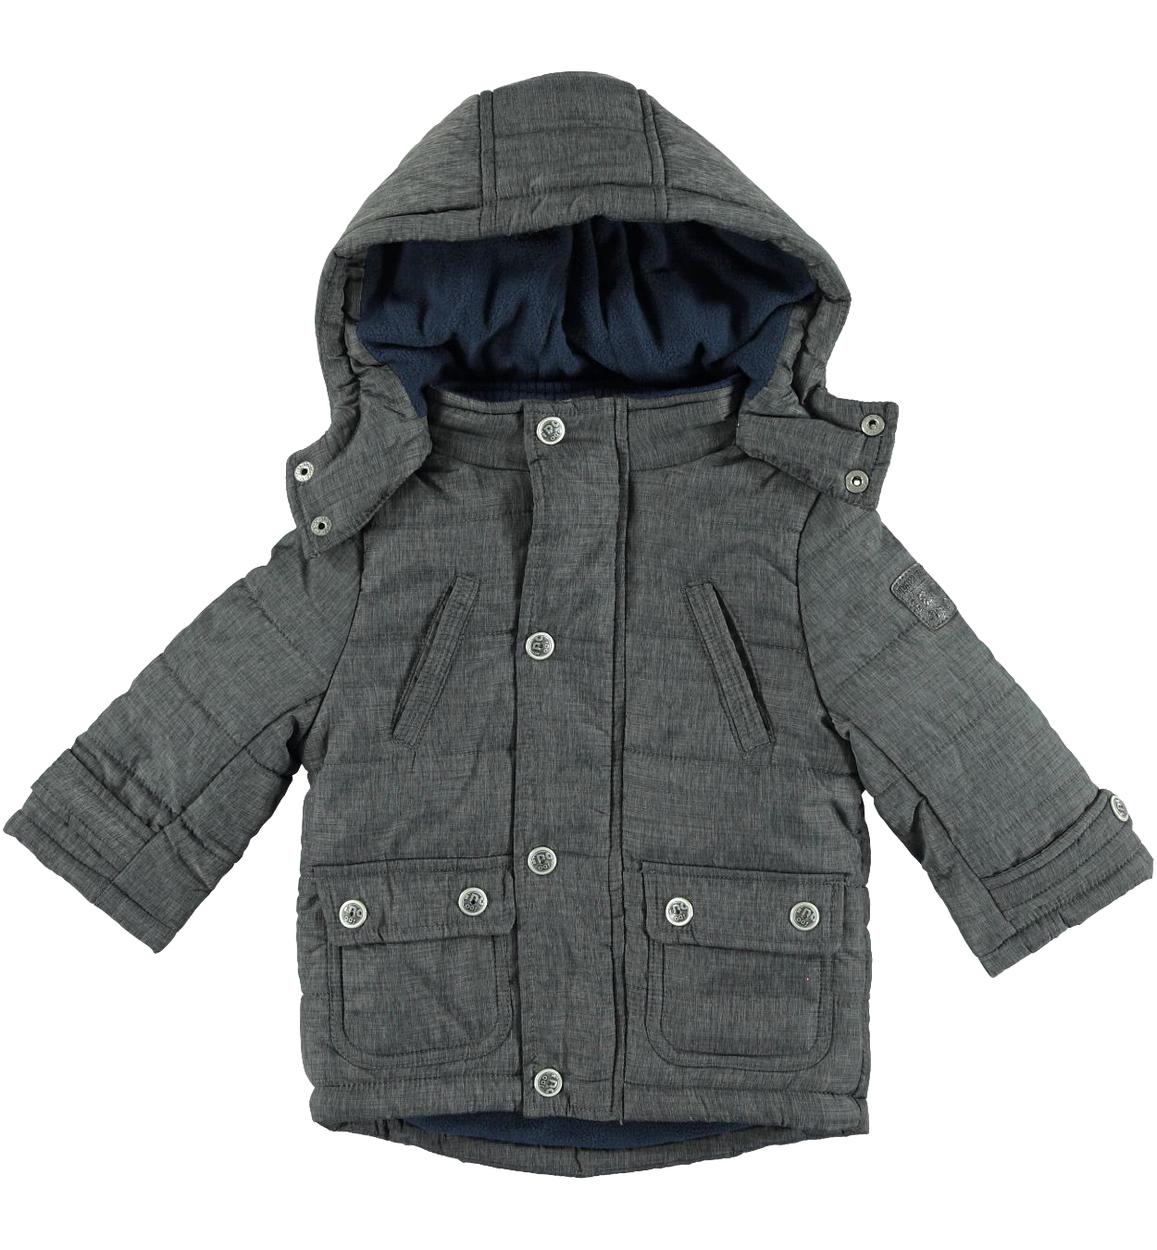 nuovo arrivo fcac6 47e59 Giubbotto bambino lunghezza metà coscia vestibilità da 6 a 36 mesi iDO